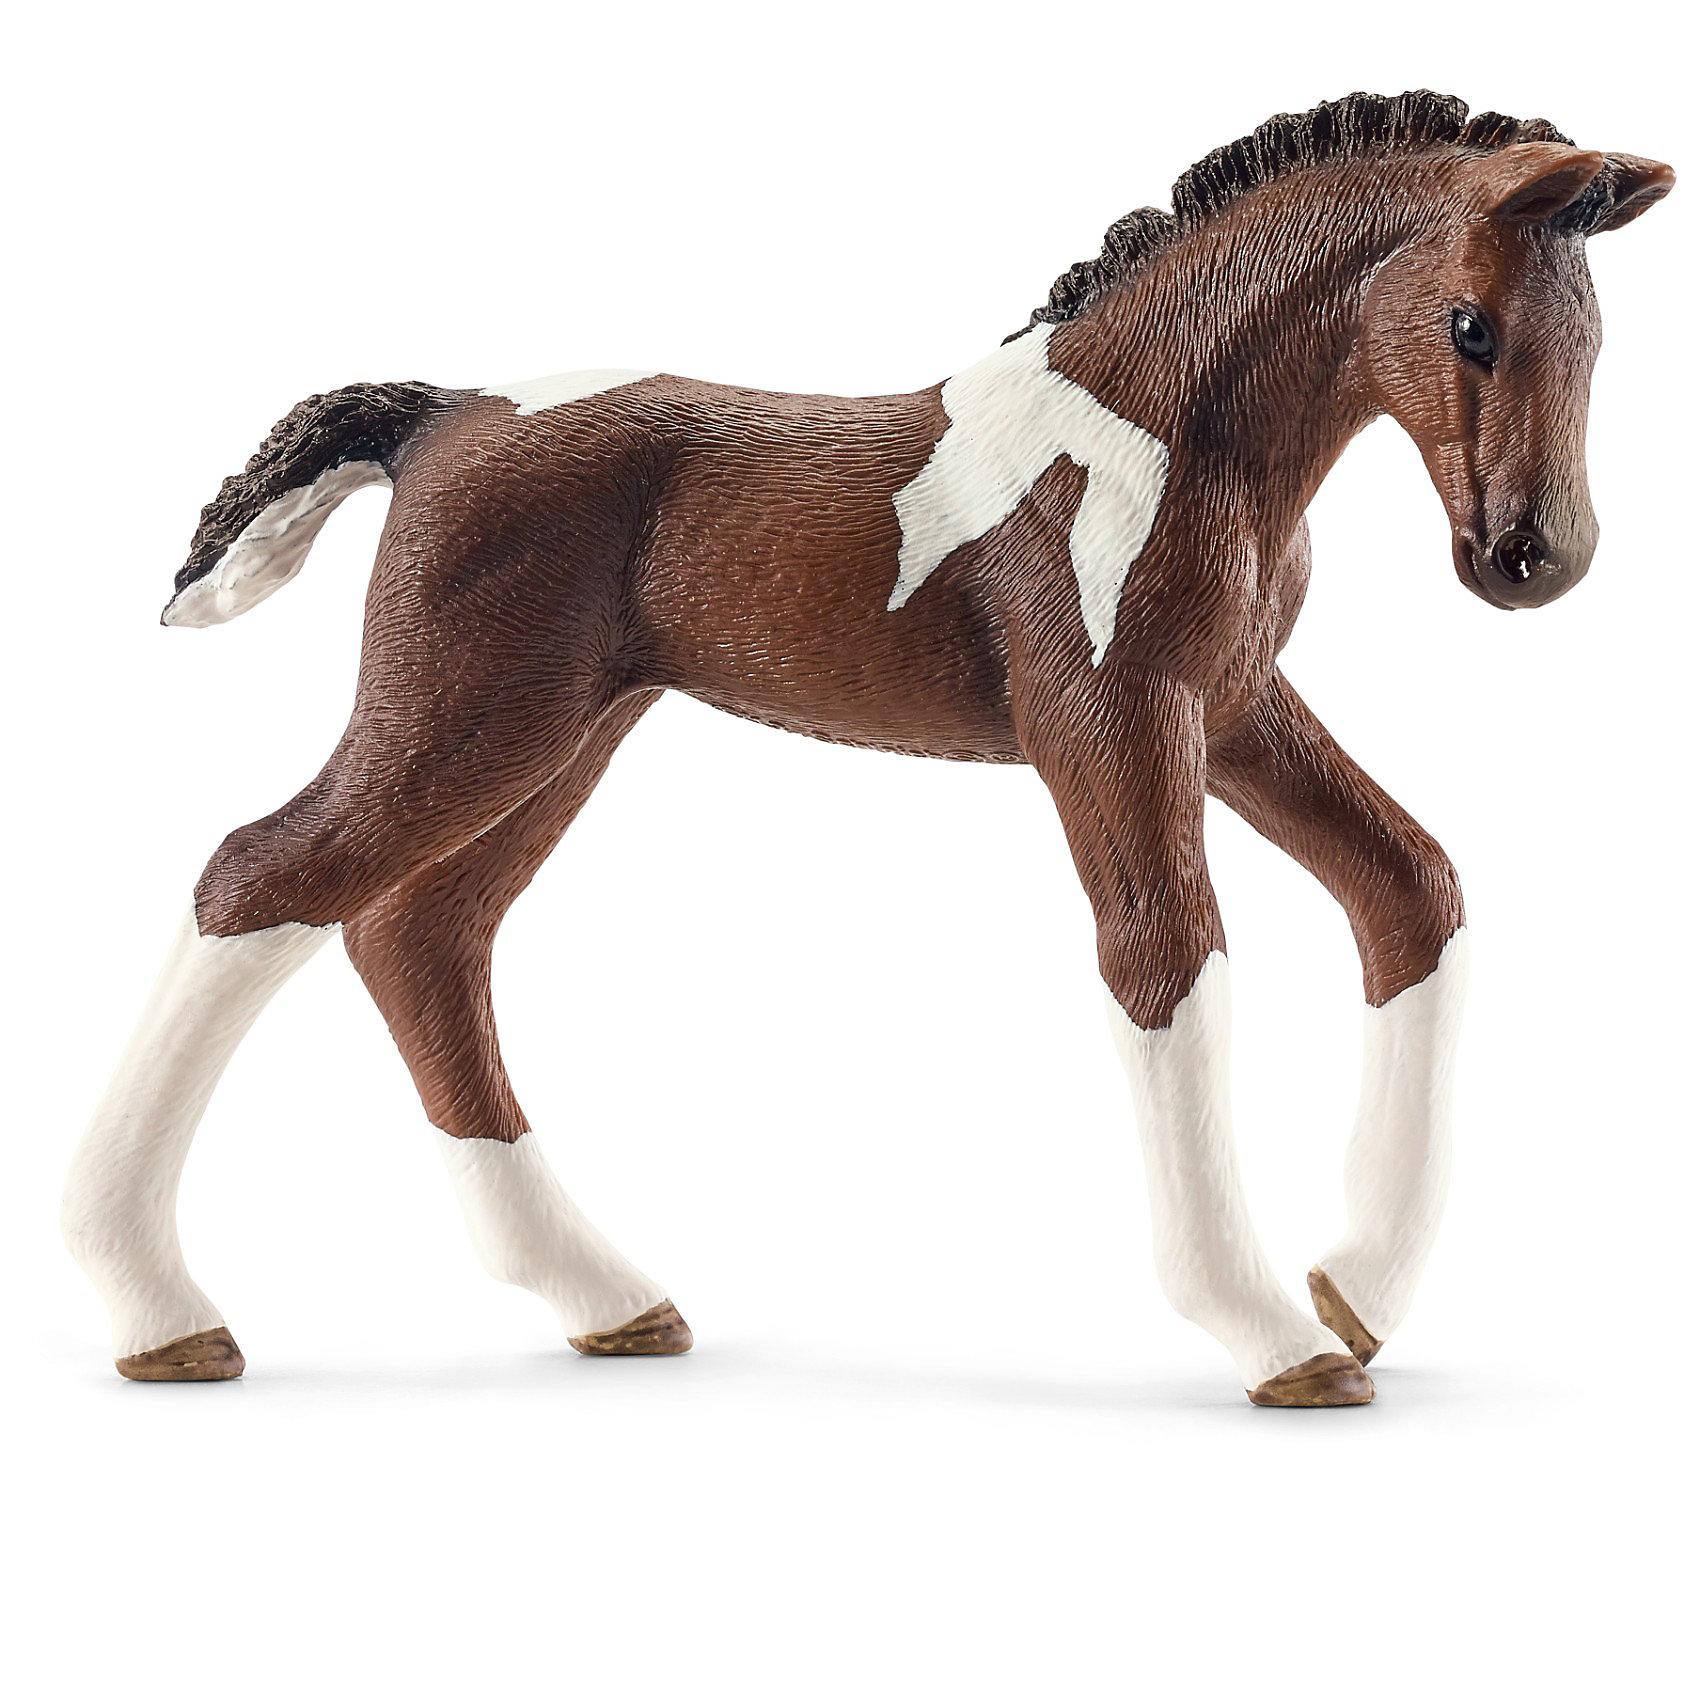 Тракененская лошадь: жеребенок, SchleichМир животных<br>Тракененская лошадь: жеребенок, Schleich (Шляйх) - коллекционная и игровая фигурка от немецкого производителя Schleich (Шляйх).<br>Очаровательная фигурка пятнистого жеребенка Тракененской лошади  разнообразит игру вашего ребенка и станет достойным пополнением его коллекции фигурок от Schleich (Шляйх). Тракененская порода лошадей является чистокровной породой верховой лошади и является настоящим идеалом для современной спортивной езды. Они очень талантливы и легко поддаются дрессировке. Тракененская порода лошадей достигает в высоту 160 см и бывает самых разных расцветок. Все фигурки Schleich (Шляйх) сделаны из гипоаллергенных высокотехнологичных материалов, раскрашены вручную и не вызывают аллергии у ребенка. Прекрасно выполненные фигурки Schleich (Шляйх) отличаются высочайшим качеством игрушек ручной работы. Все они создаются при постоянном сотрудничестве с Берлинским зоопарком, а потому, являются максимально точной копией настоящих животных. Каждая фигурка разработана с учетом исследований в области педагогики и производится как настоящее произведение для маленьких детских ручек.<br><br>Дополнительная информация:<br><br>-Размер фигурки: 2,5 x 8,9 x 7,1 см.<br>-Вес фигурки: 41 грамм<br>-Материал: каучуковый пластик<br><br>Тракененская лошадь: жеребенок, Schleich (Шляйх) - ваш ребенок будет наслаждаться игрой с новой восхитительной игрушкой.<br><br>Фигурку Тракененской лошади: жеребенка, Schleich (Шляйх) можно купить в нашем интернет-магазине.<br><br>Ширина мм: 104<br>Глубина мм: 121<br>Высота мм: 25<br>Вес г: 36<br>Возраст от месяцев: 36<br>Возраст до месяцев: 96<br>Пол: Женский<br>Возраст: Детский<br>SKU: 3443128